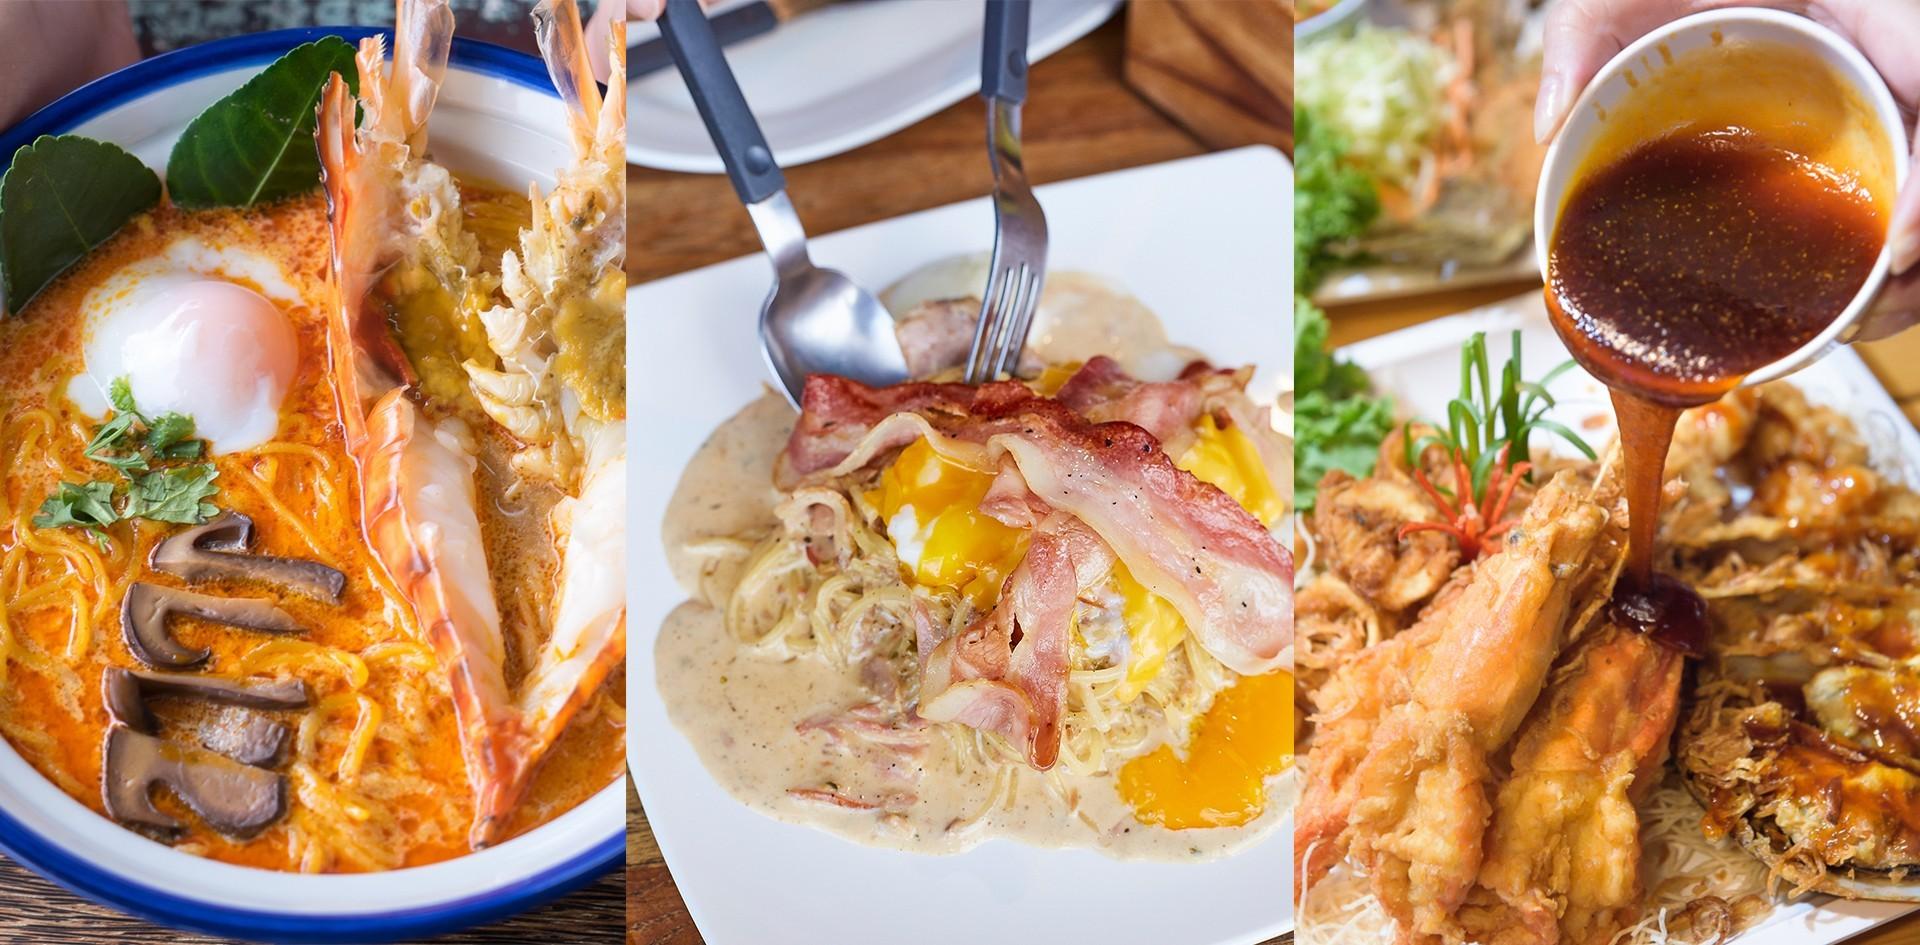 ประชันสูตรเด็ด! 3 ร้านอาหารคว้าชัยในโครงการ UFS ปรุงชีวิตพิชิตฝัน